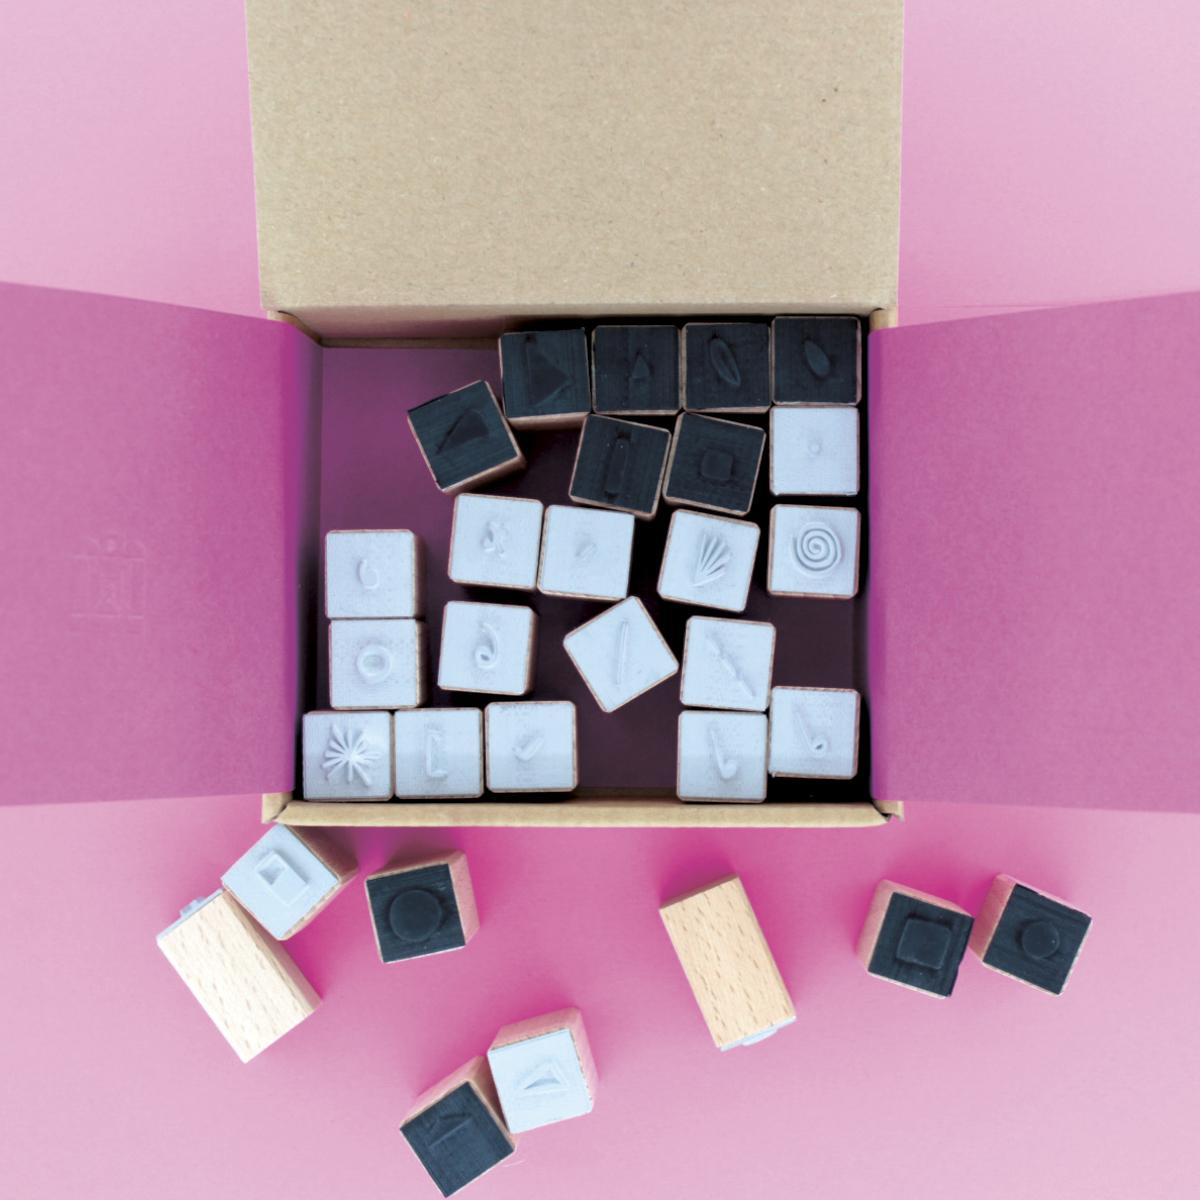 DATA SELFIES  - Designer Stamp Set for Corraini Edizioni